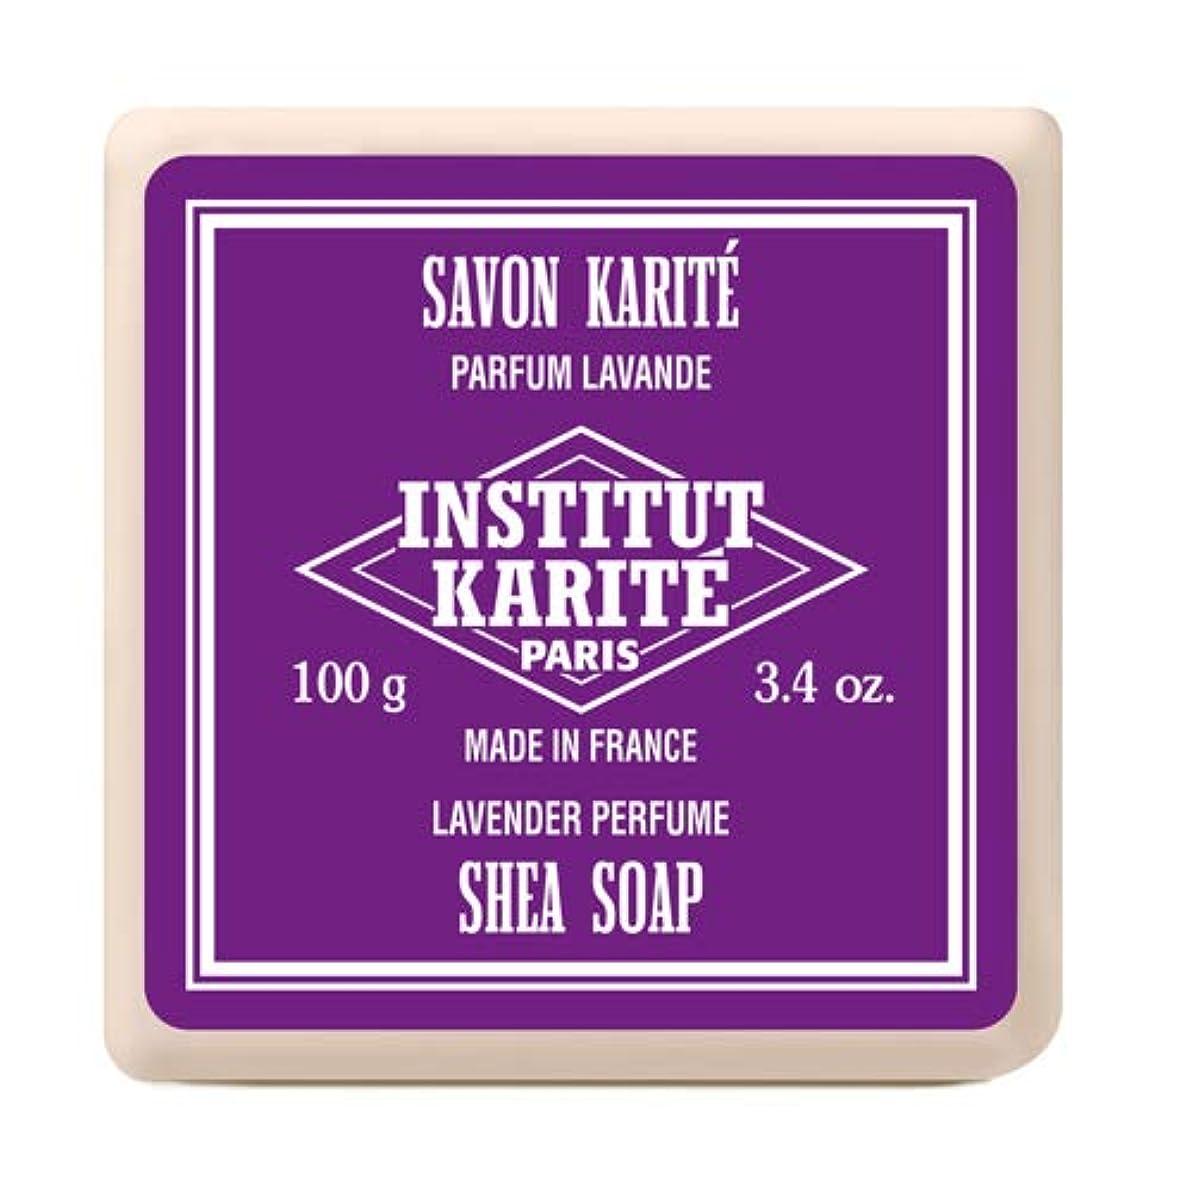 エキス邪魔する実現可能INSTITUT KARITE インスティテュート カリテ Shea Wrapped Soap シアソープ 100g Lavender ラベンダー